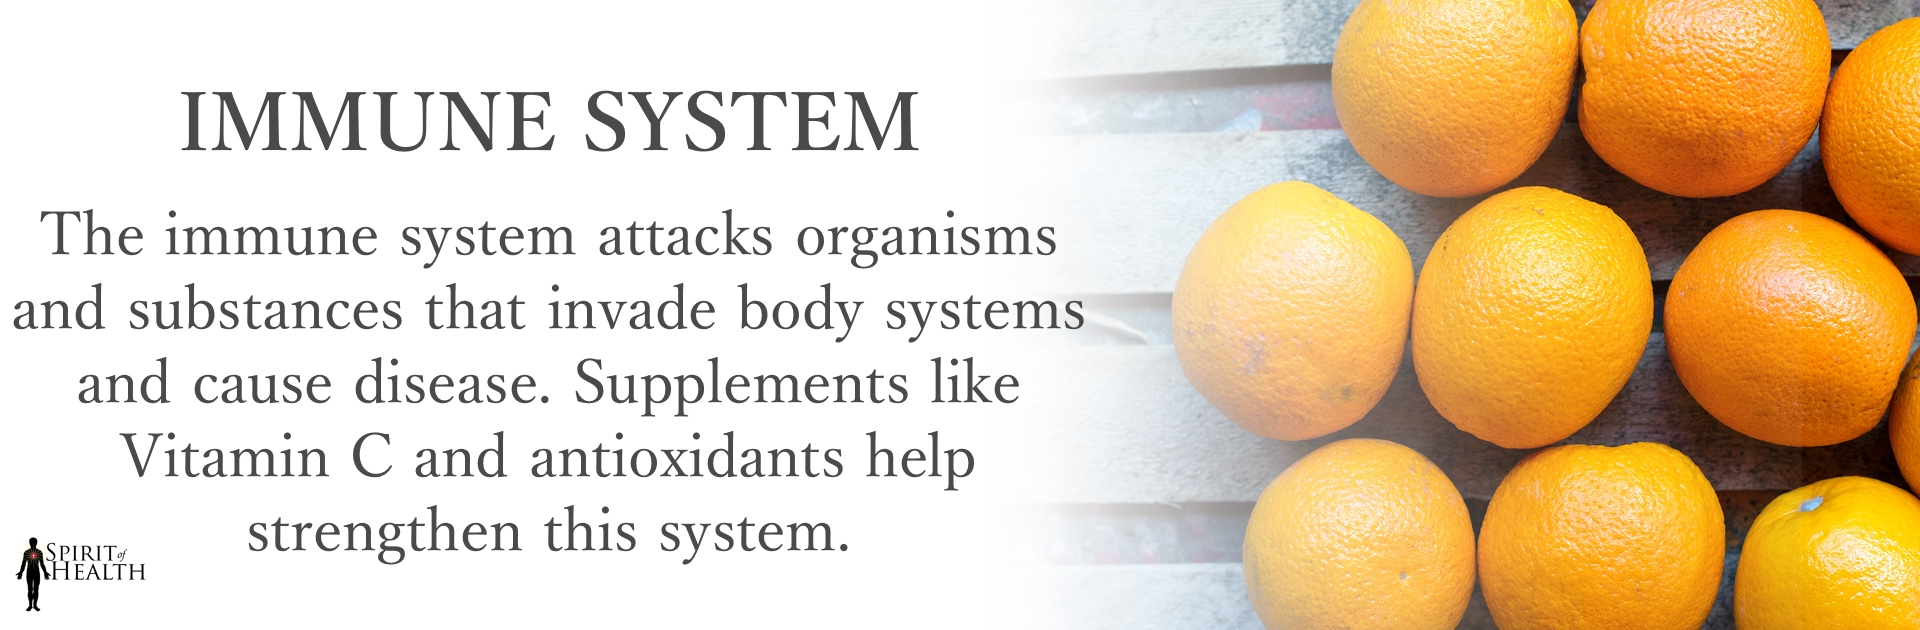 immune-system.jpg